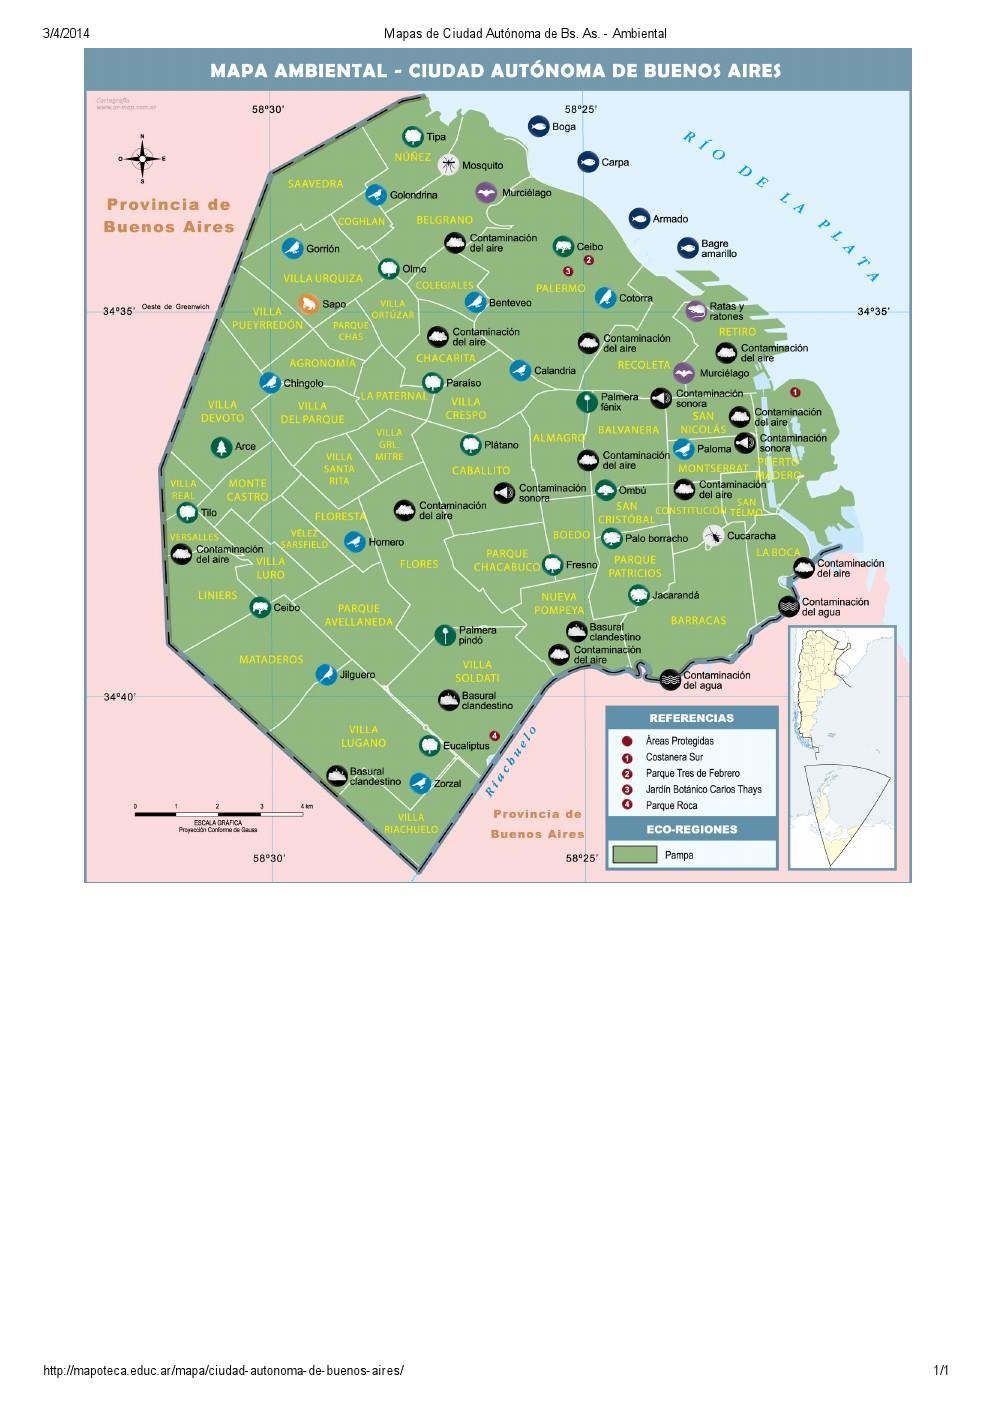 Mapa ambiental de la ciudad de Buenos Aires. Mapoteca de Educ.ar